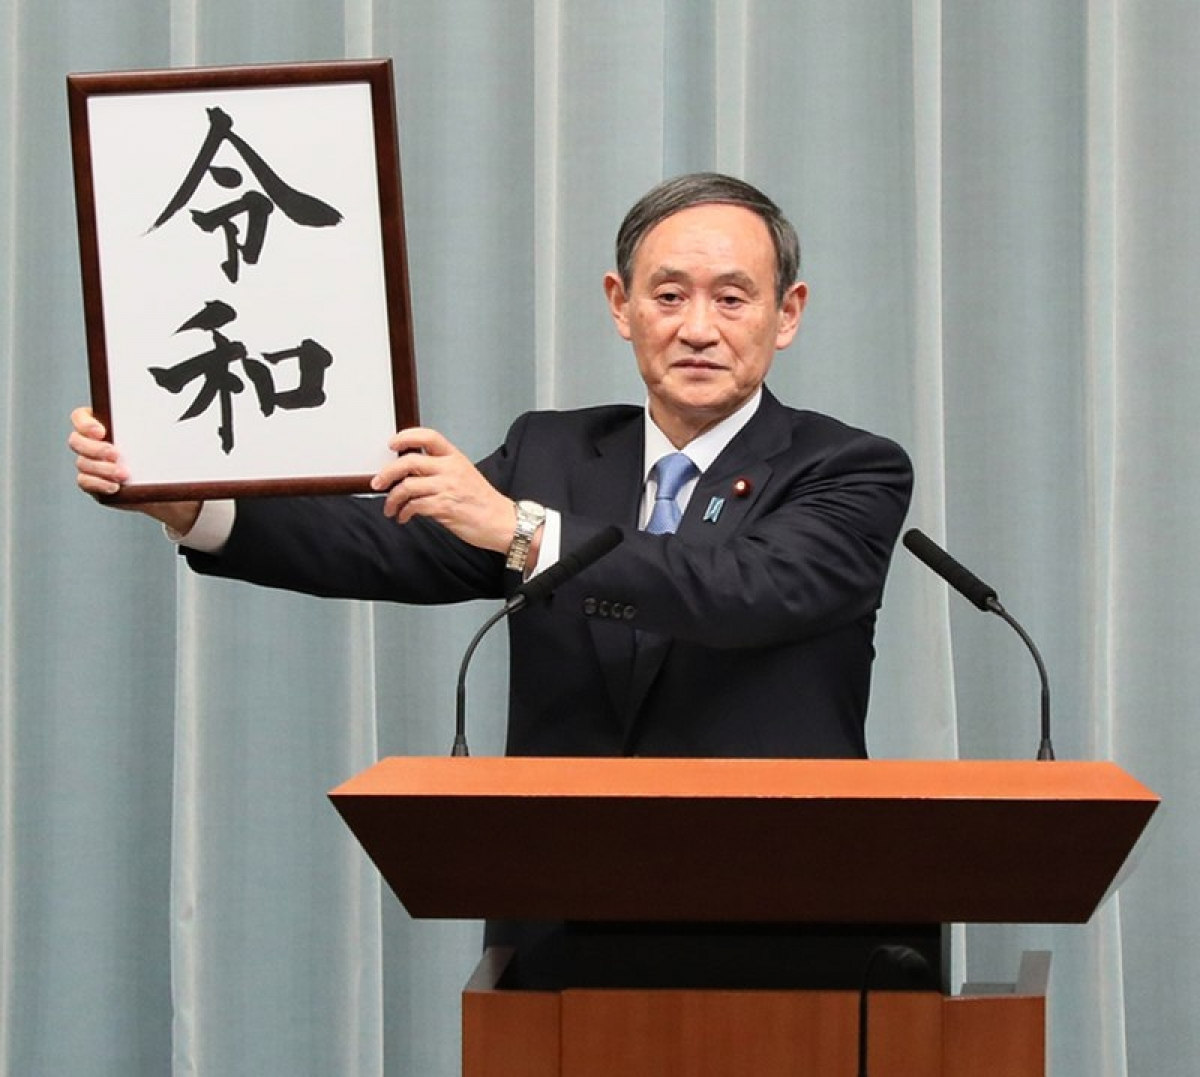 Ông Suga trong buổi họp báo công bố thay đổi Niên hiệu vào ngày 1/4/2019